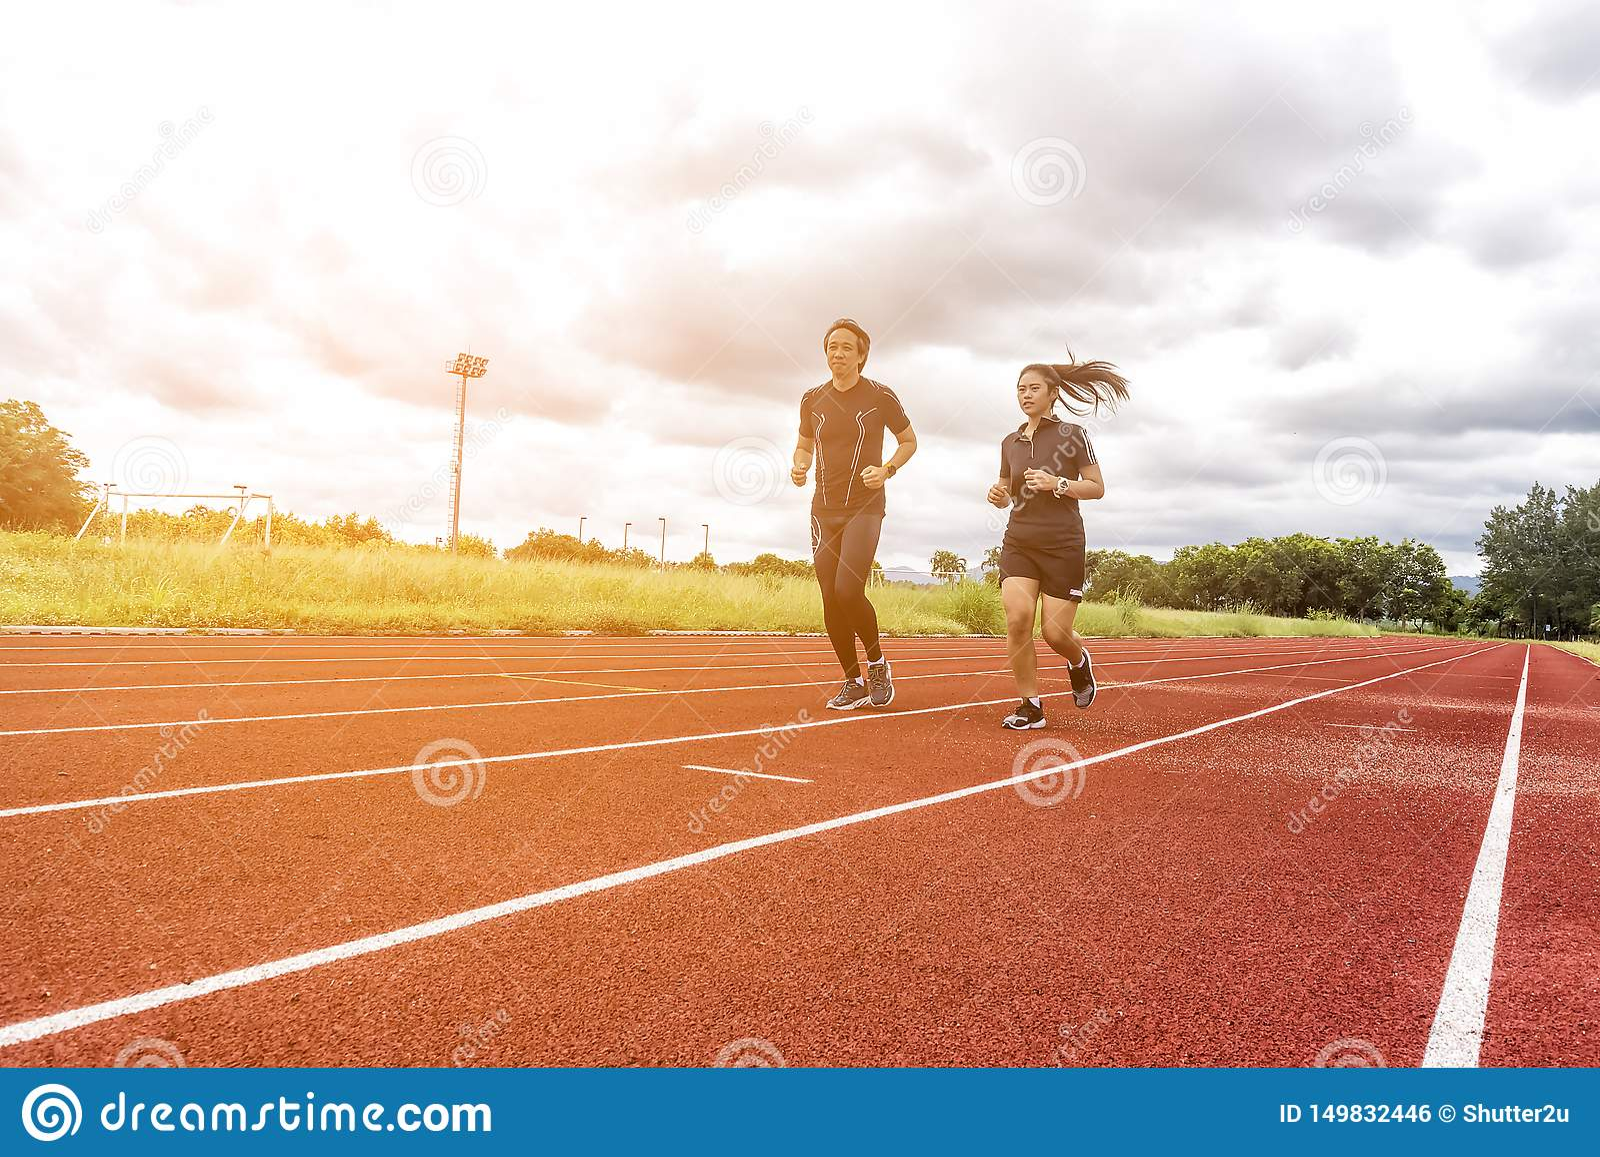 跑步在赛马跑道、体育和社交活动概念的两个赛跑者